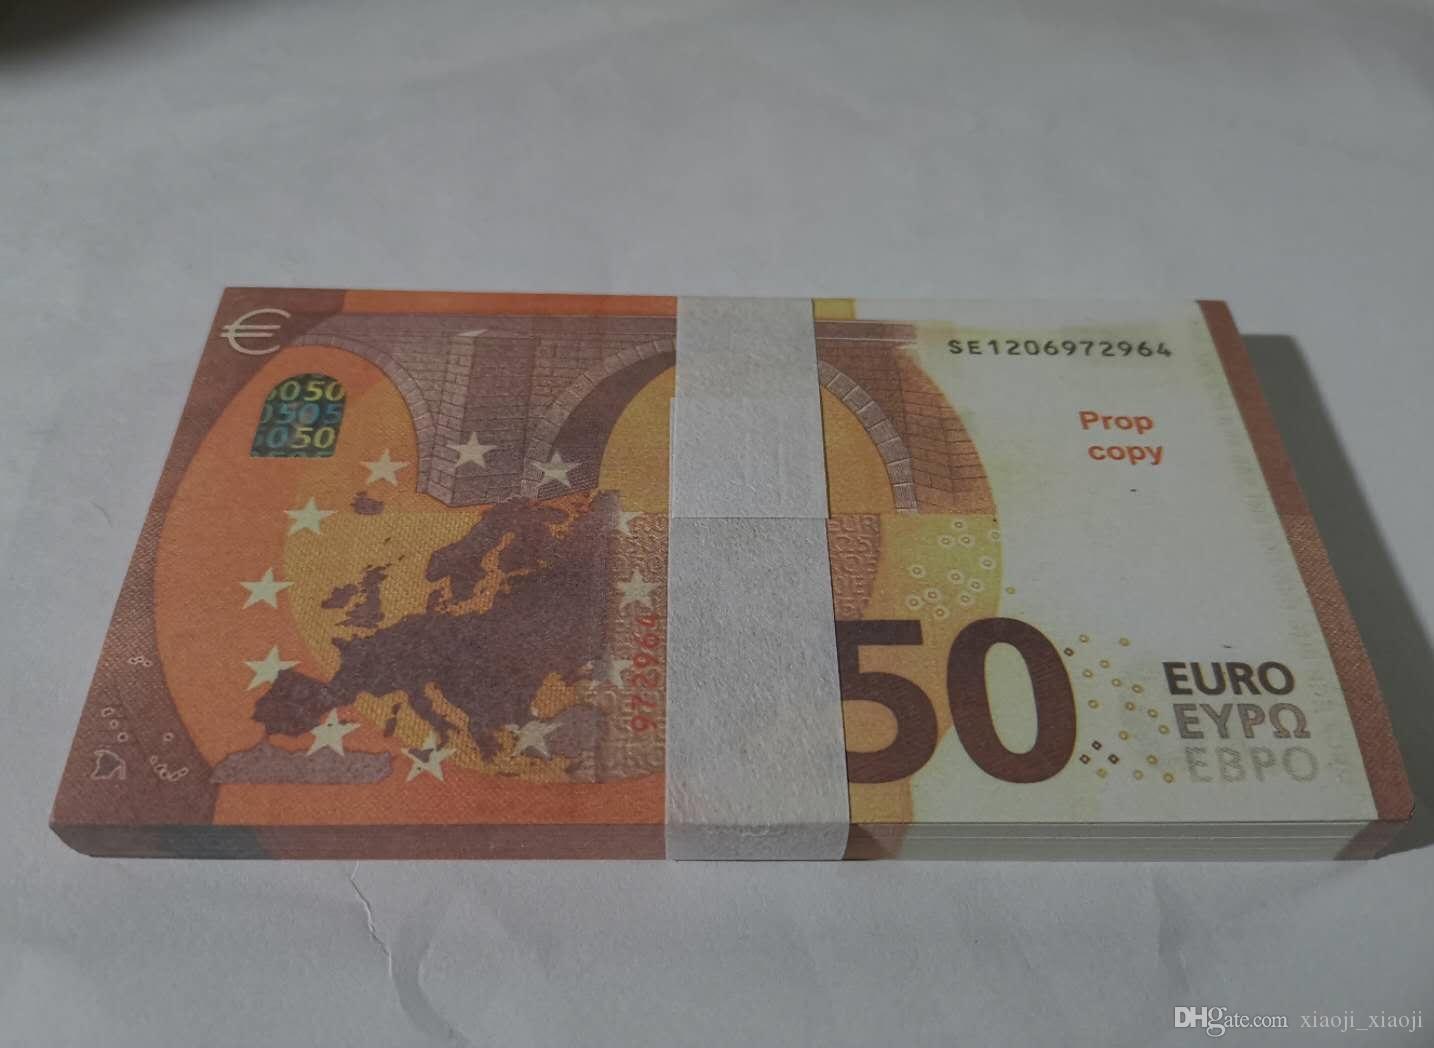 Feiertagsspielzeug 028 Prop Währung Geschenkbrett Spiel Film Trick Bar Requisite-Prop-Euro-Kind 50 Geld gefälschter Magie Admnh